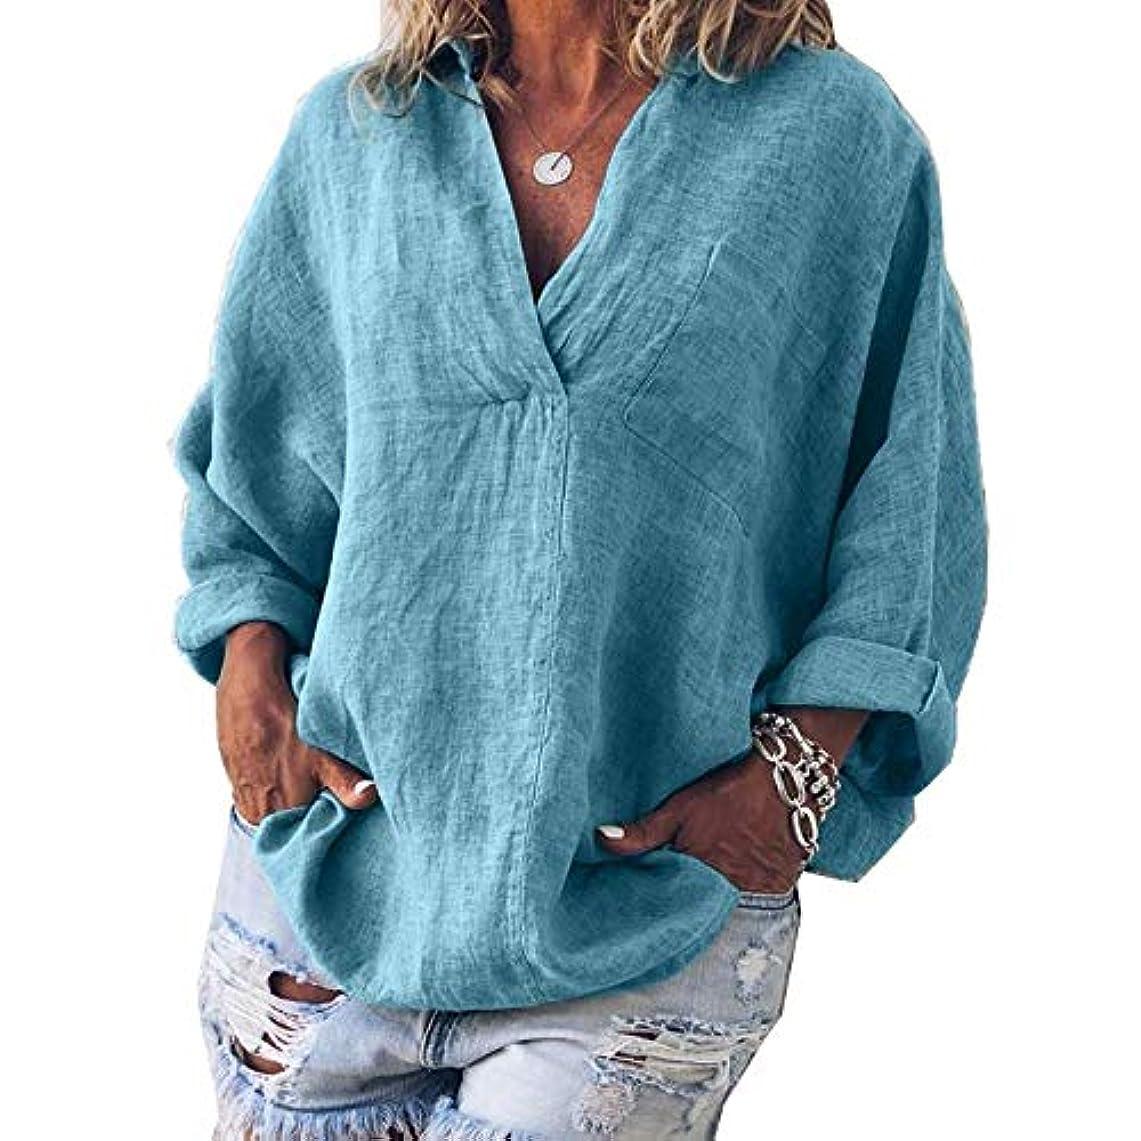 玉ねぎ大きなスケールで見ると肝MIFAN女性ファッション春夏チュニックトップス深いVネックTシャツ長袖プルオーバールーズリネンブラウス